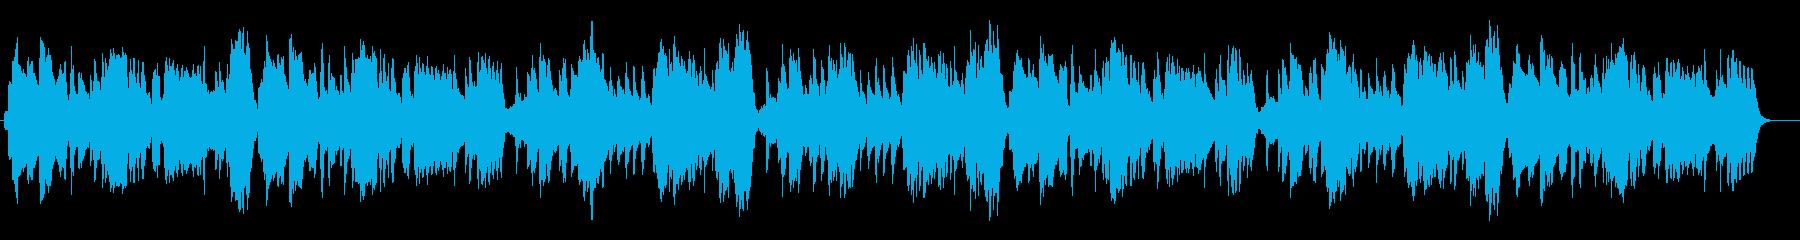 生演奏リコーダーしっとりとした朝のBGMの再生済みの波形